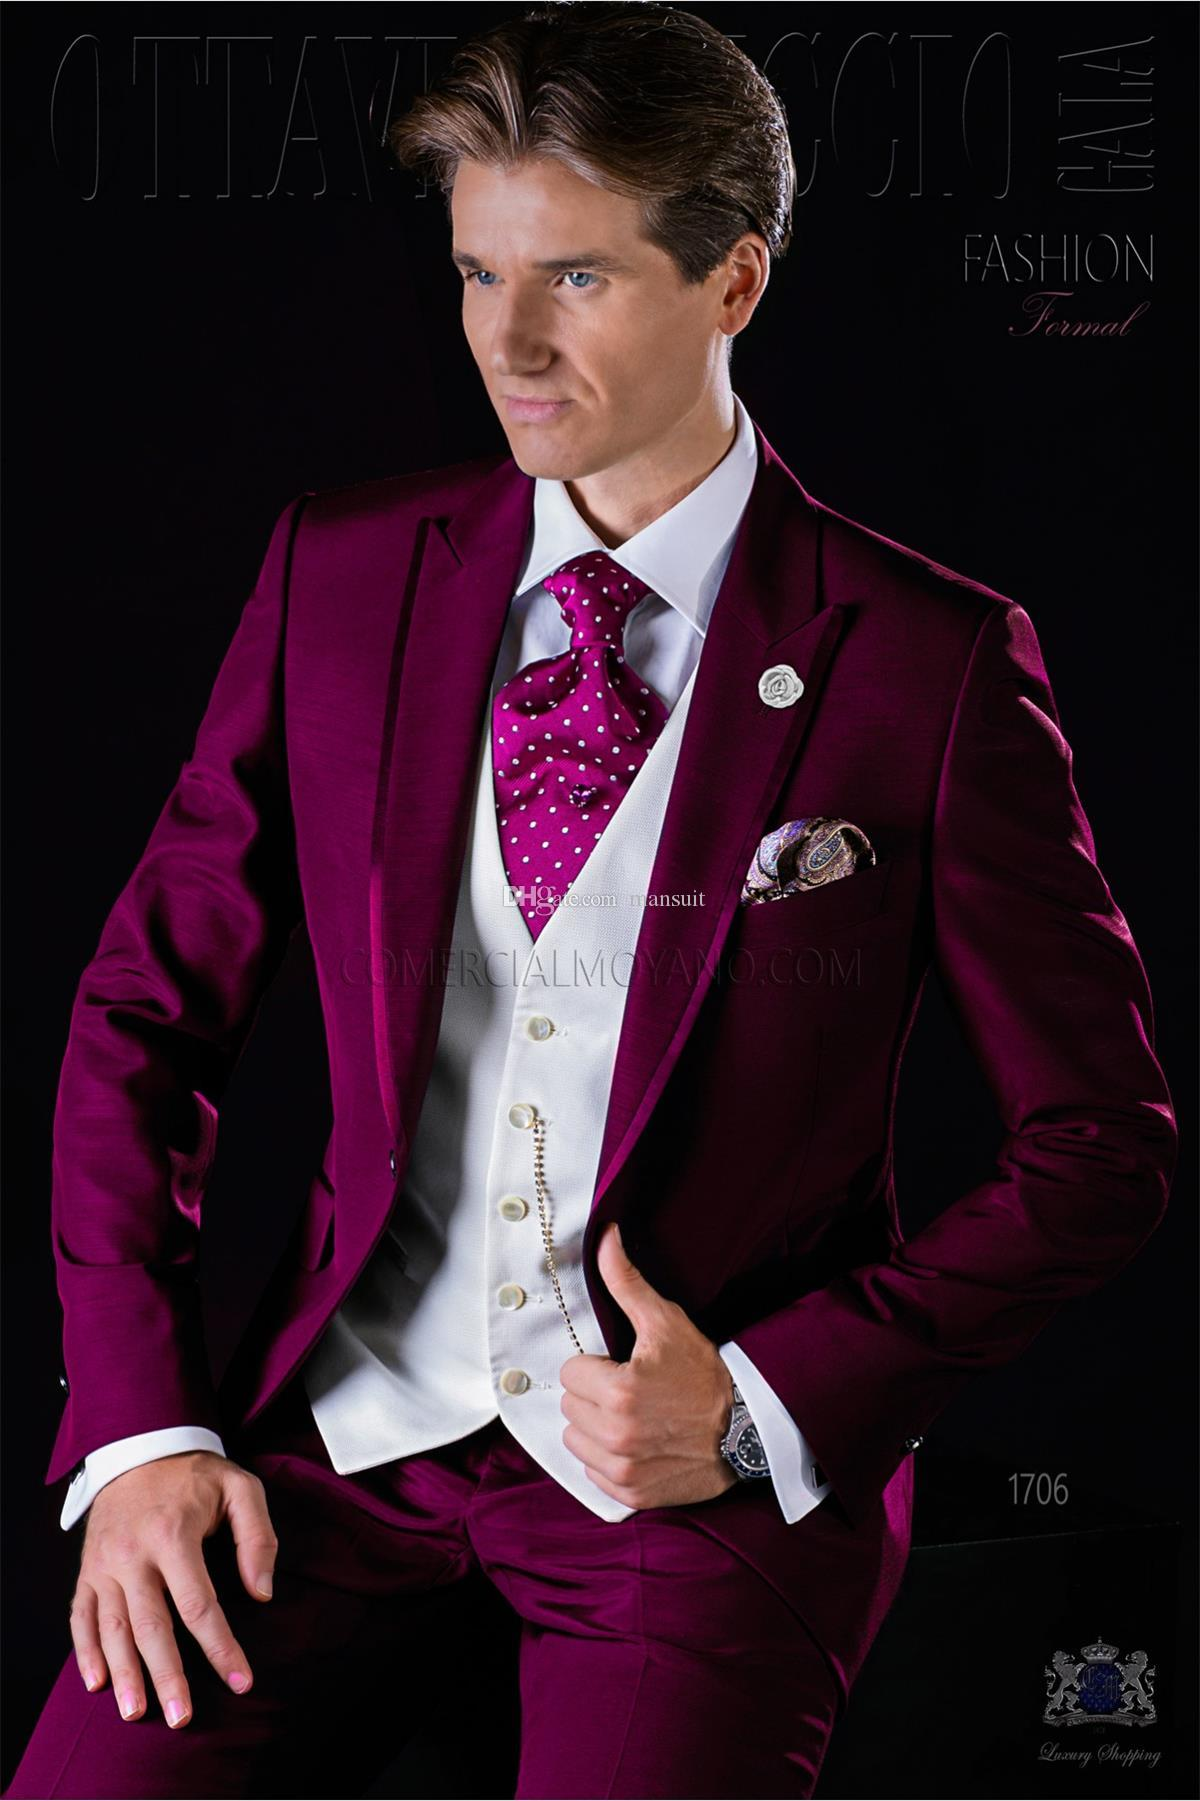 Nach Maß Groomsmen Peak Revers Bräutigam Smoking Rose Red Herren Anzüge Hochzeit / Prom Trauzeuge Blazer (Jacke + Hose + Weste + Krawatte) M887